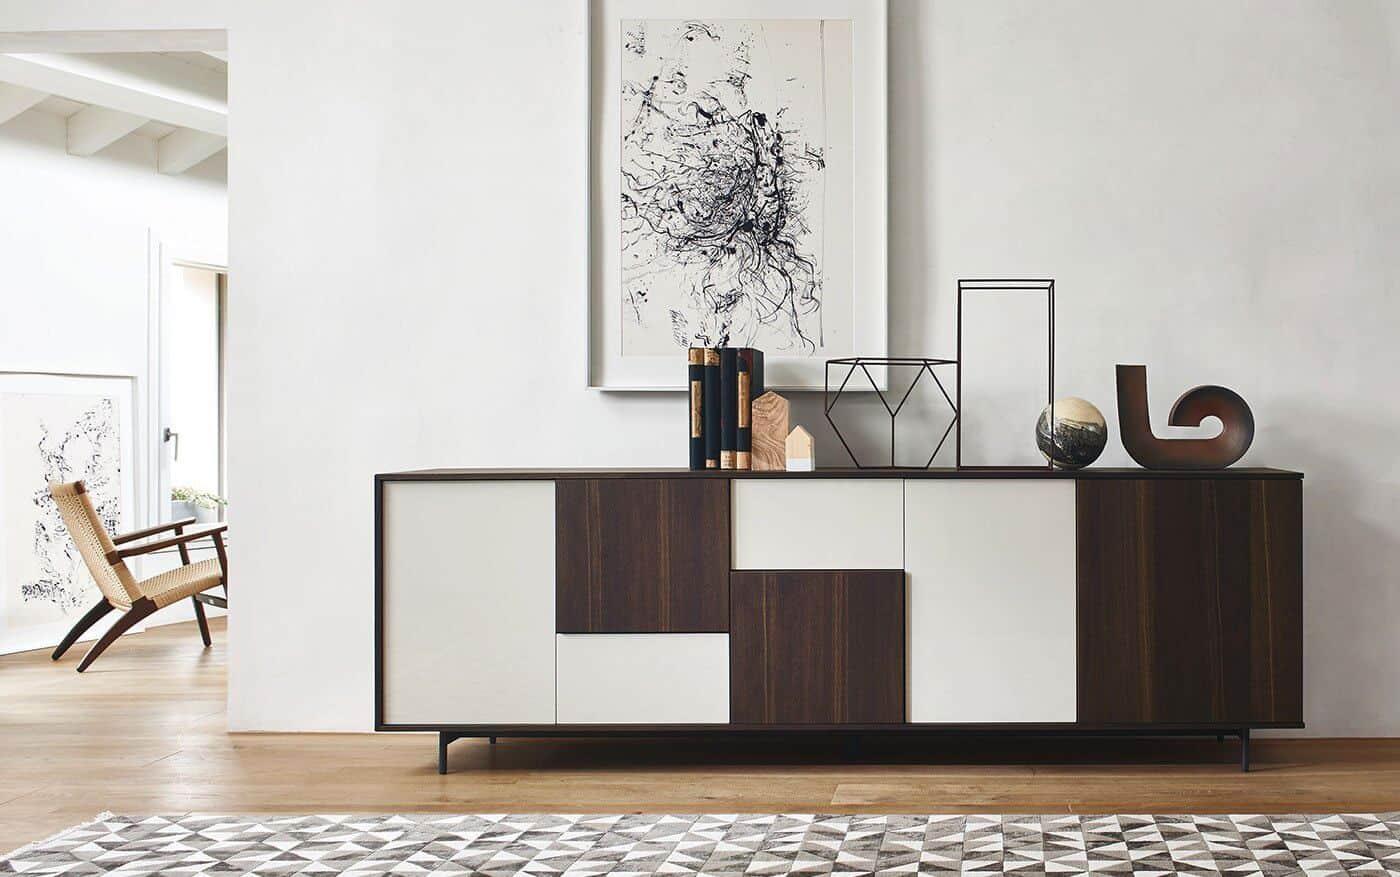 italienische sideboards italienische designer sideboards. Black Bedroom Furniture Sets. Home Design Ideas